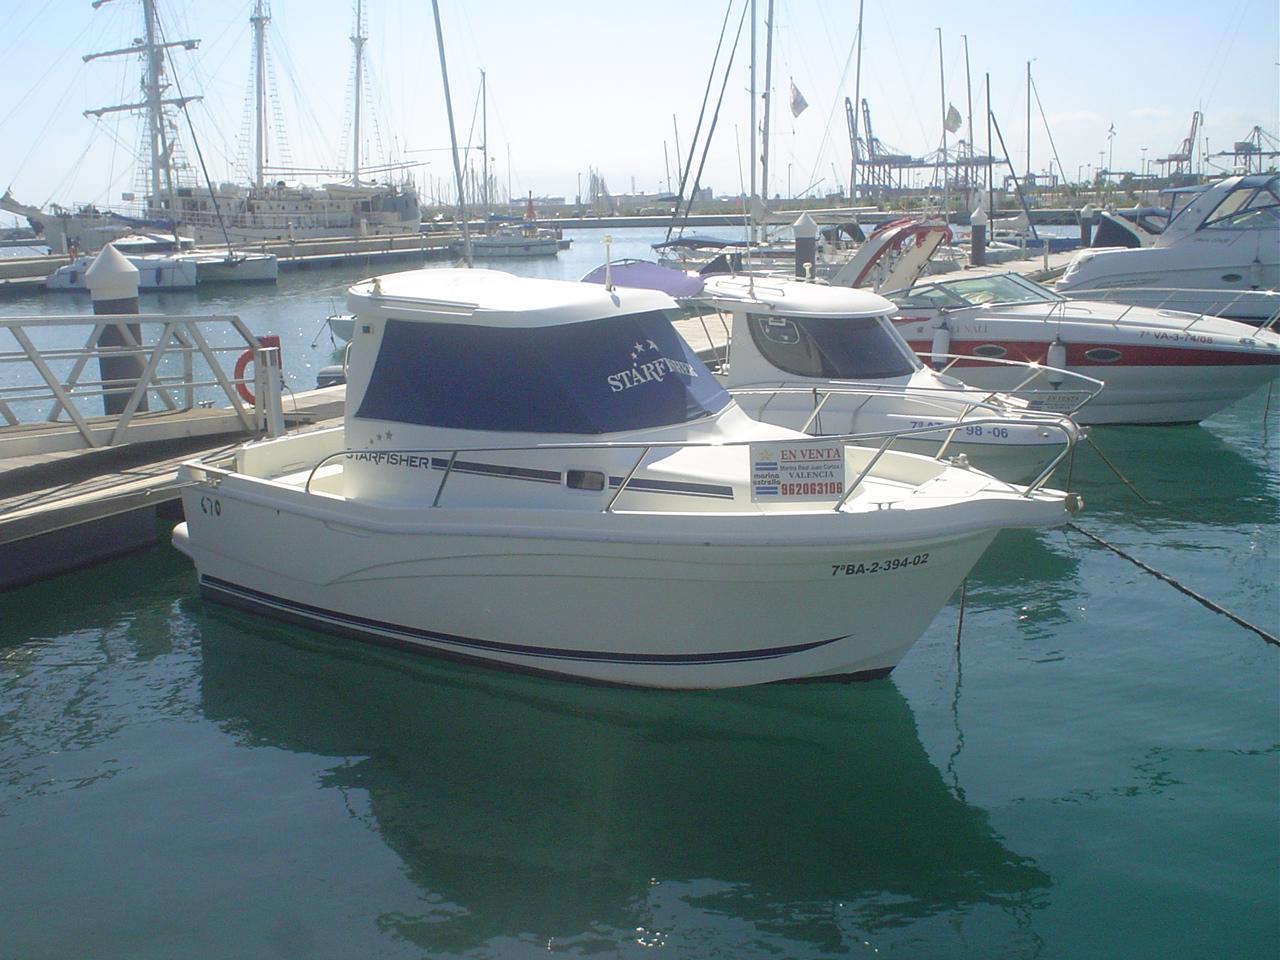 Mantenimientos en una embarcación en la costa gallega